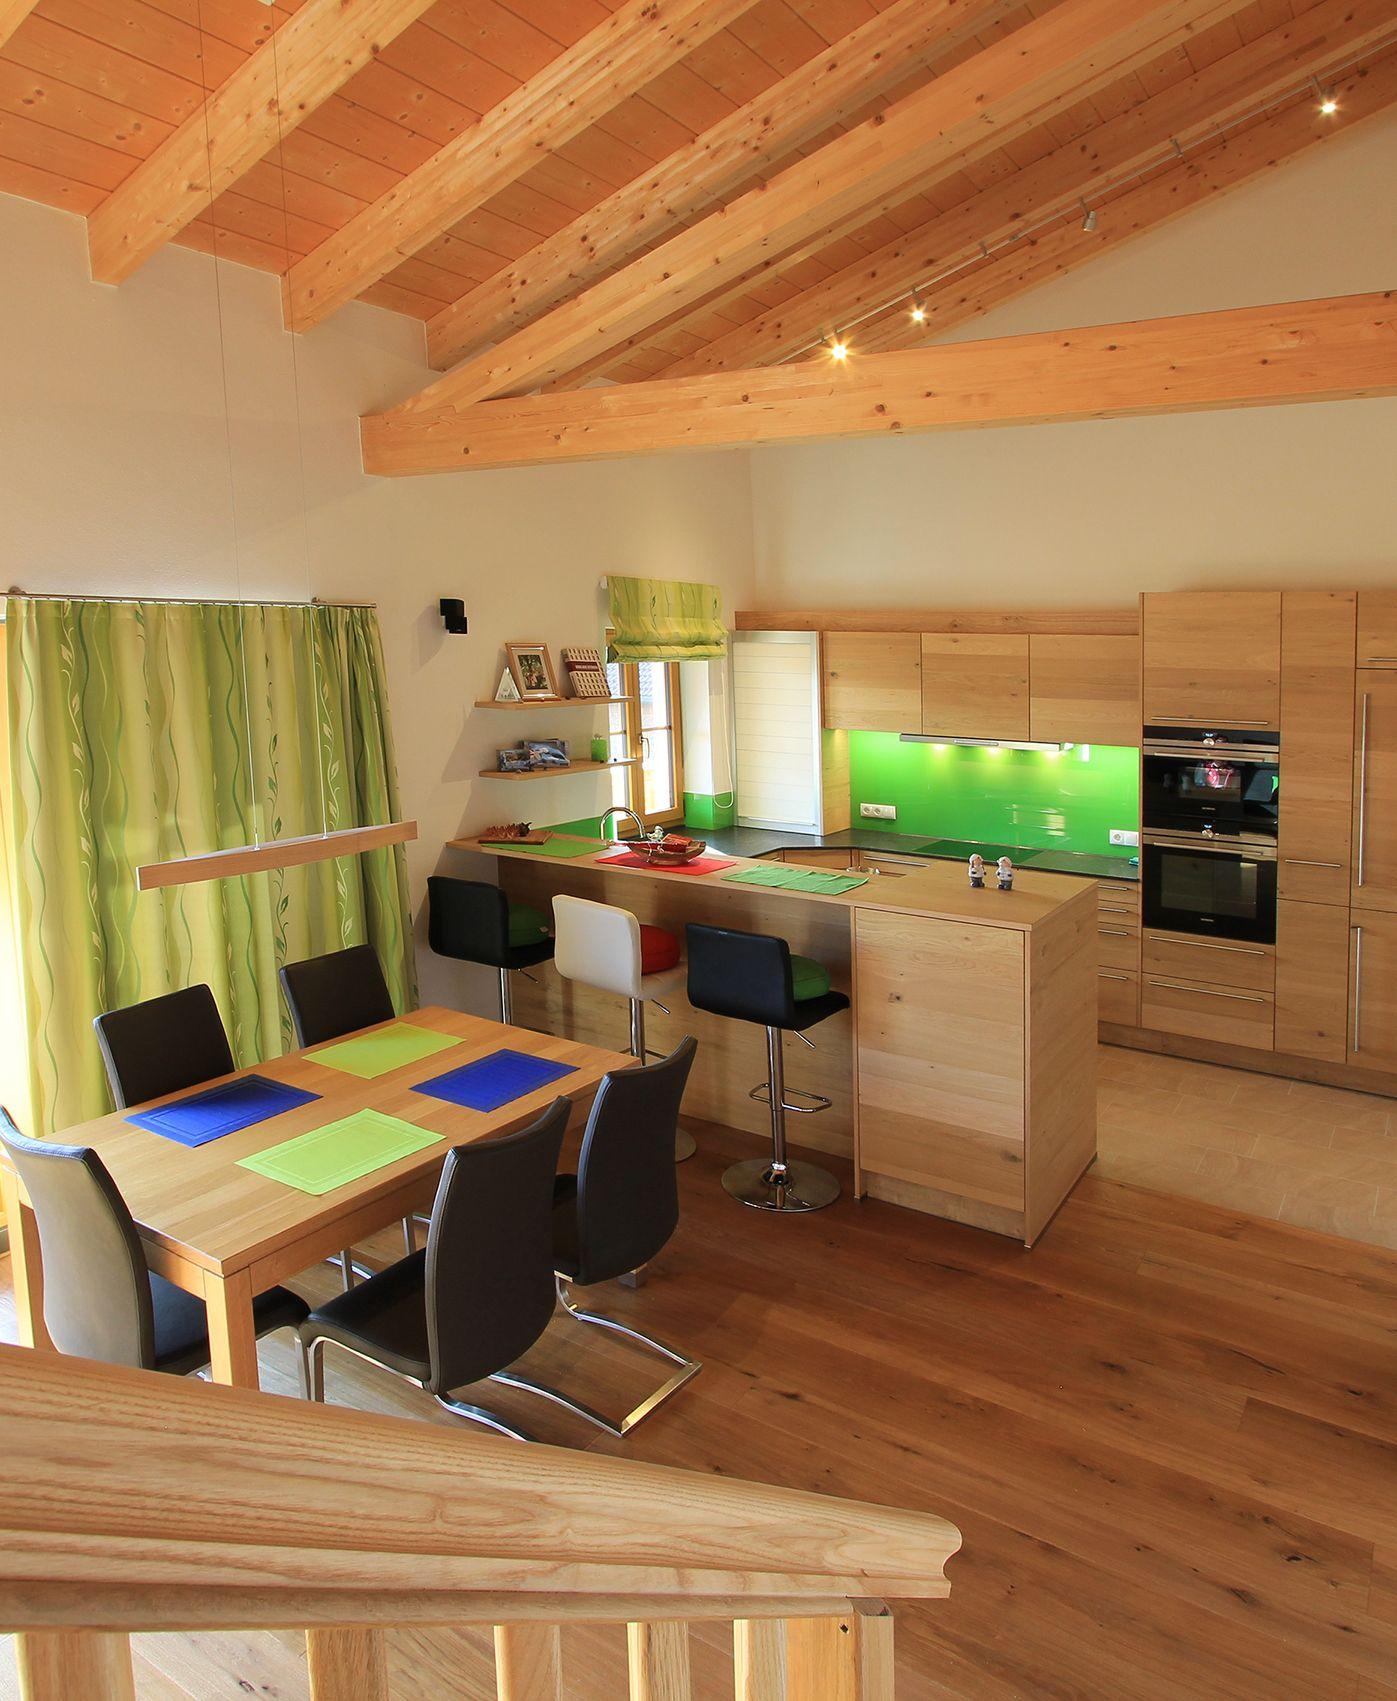 wohnk che aus holz mit offener deckenkonstruktion holz in der k che wirkt besonders wohnlich. Black Bedroom Furniture Sets. Home Design Ideas